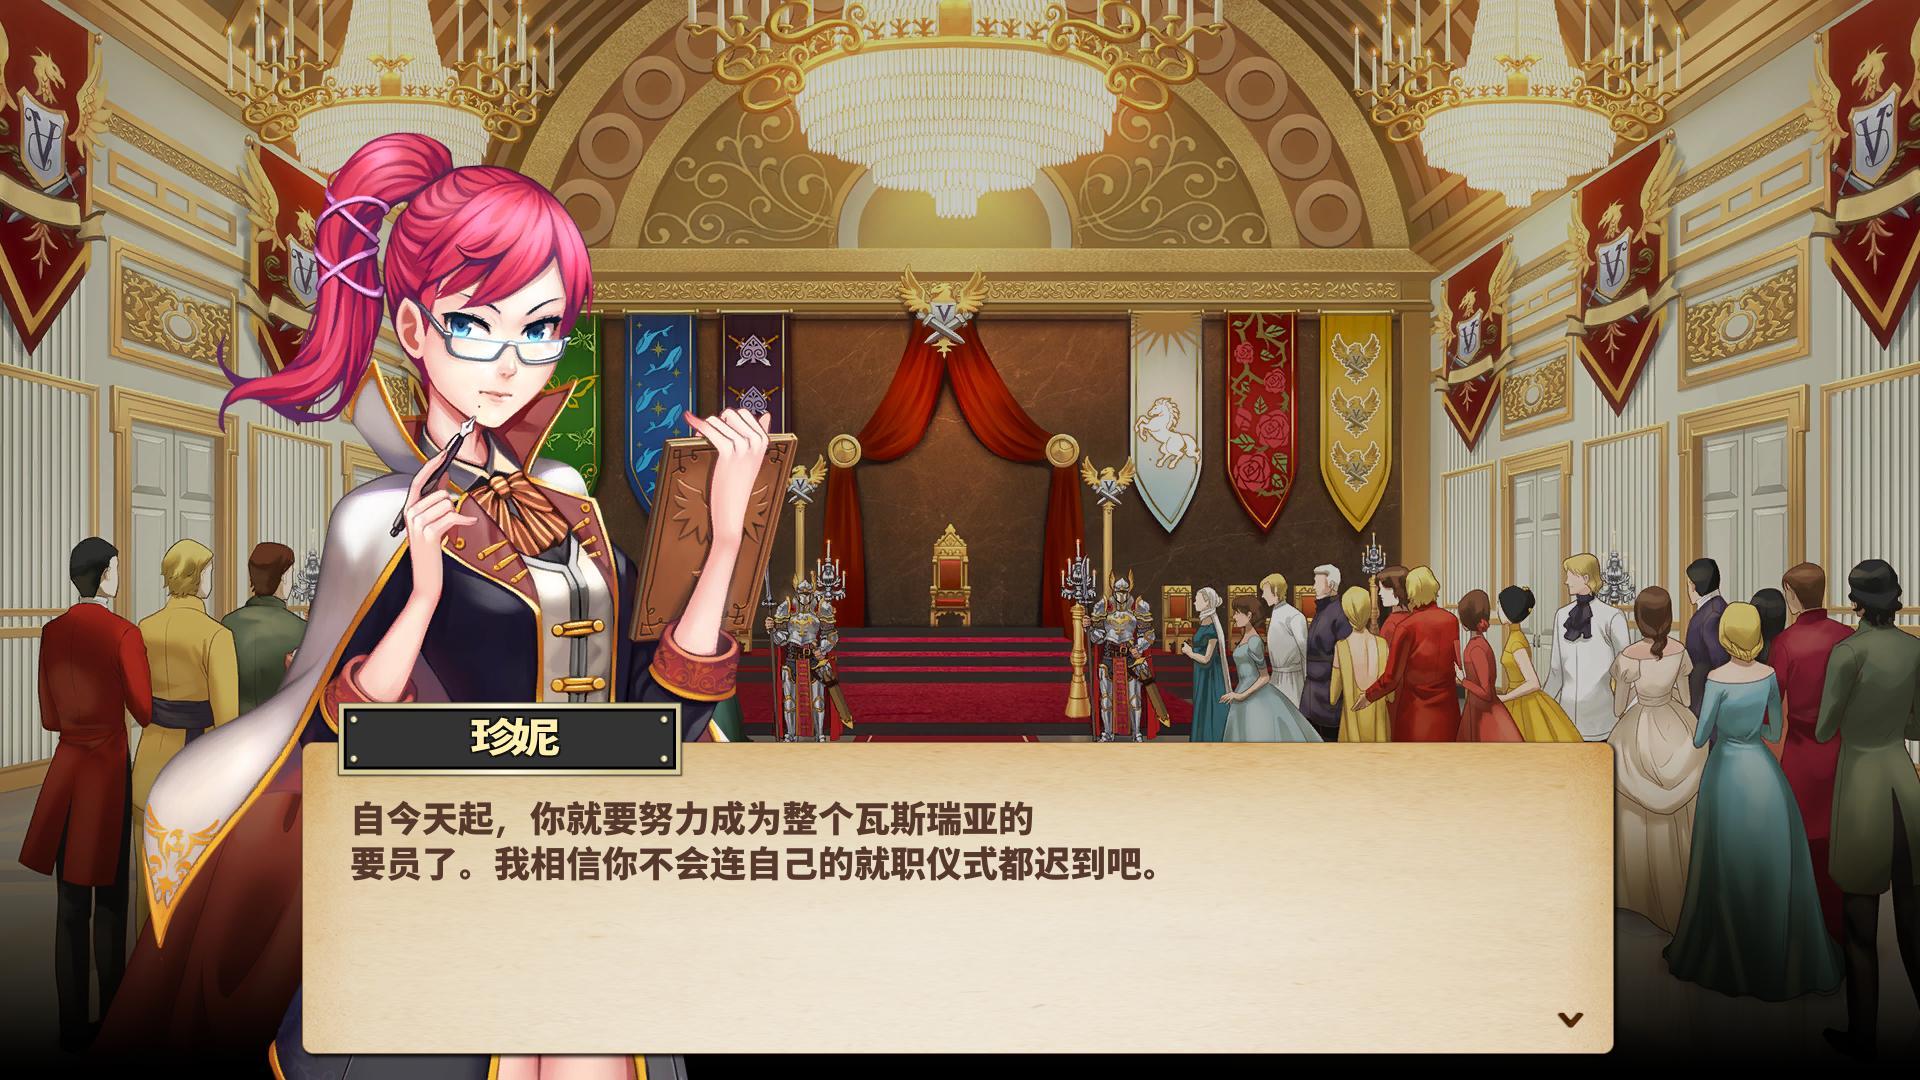 魔法学院英雄校园物语(Valthirian Arc: Hero School Story)免安装中文绿色版|DLC|升级档|网盘下载